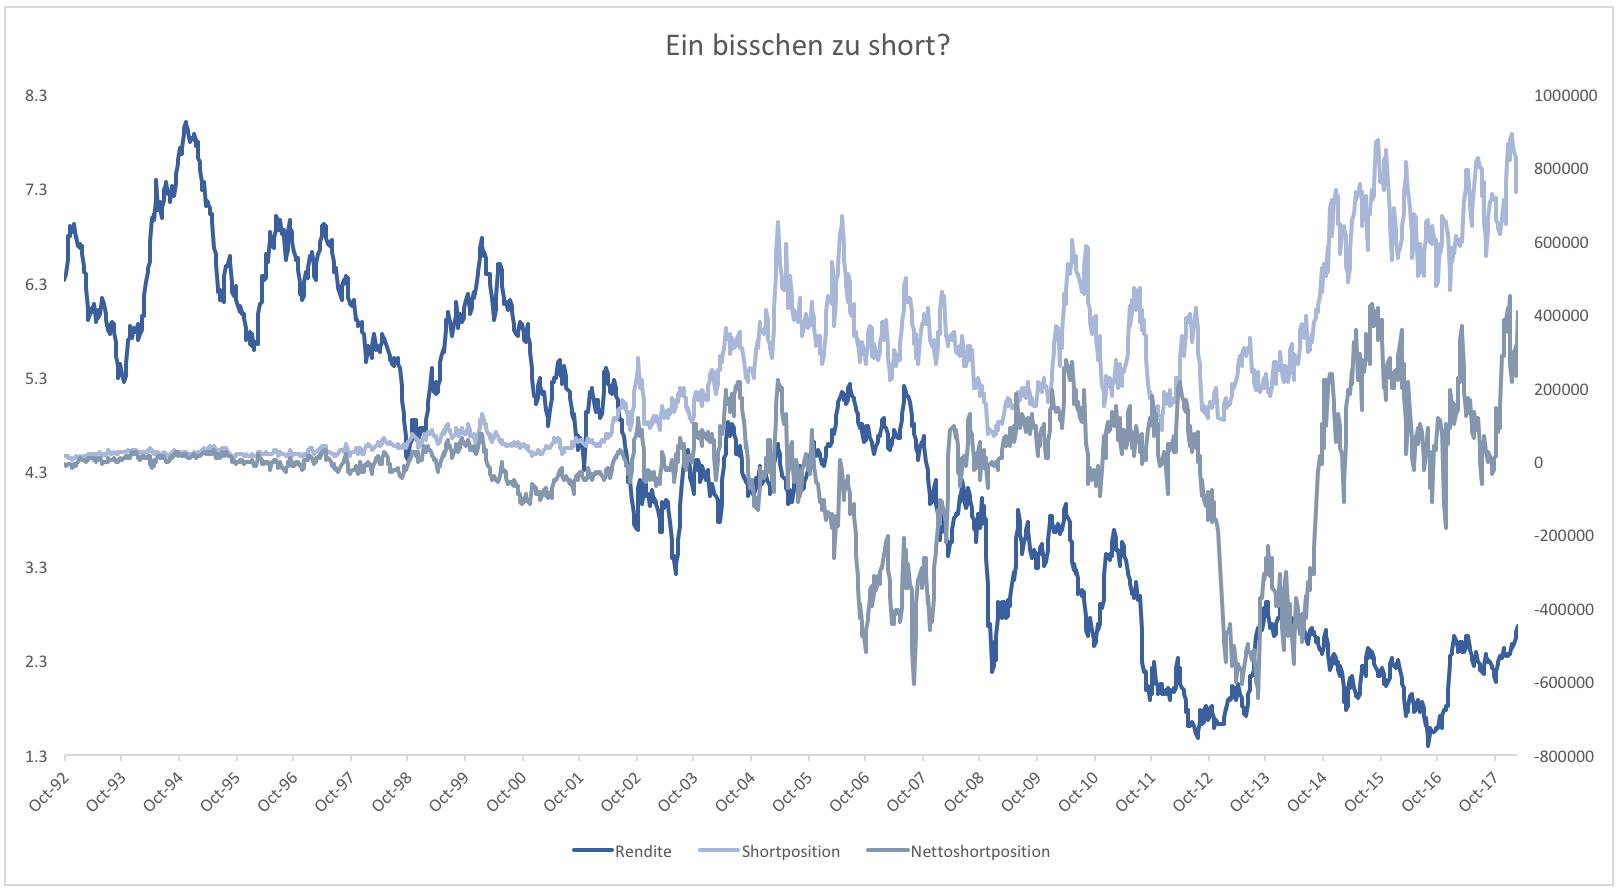 Vorsicht-Extreme-Short-Quoten-bei-Anleihen-Kommentar-Clemens-Schmale-GodmodeTrader.de-1